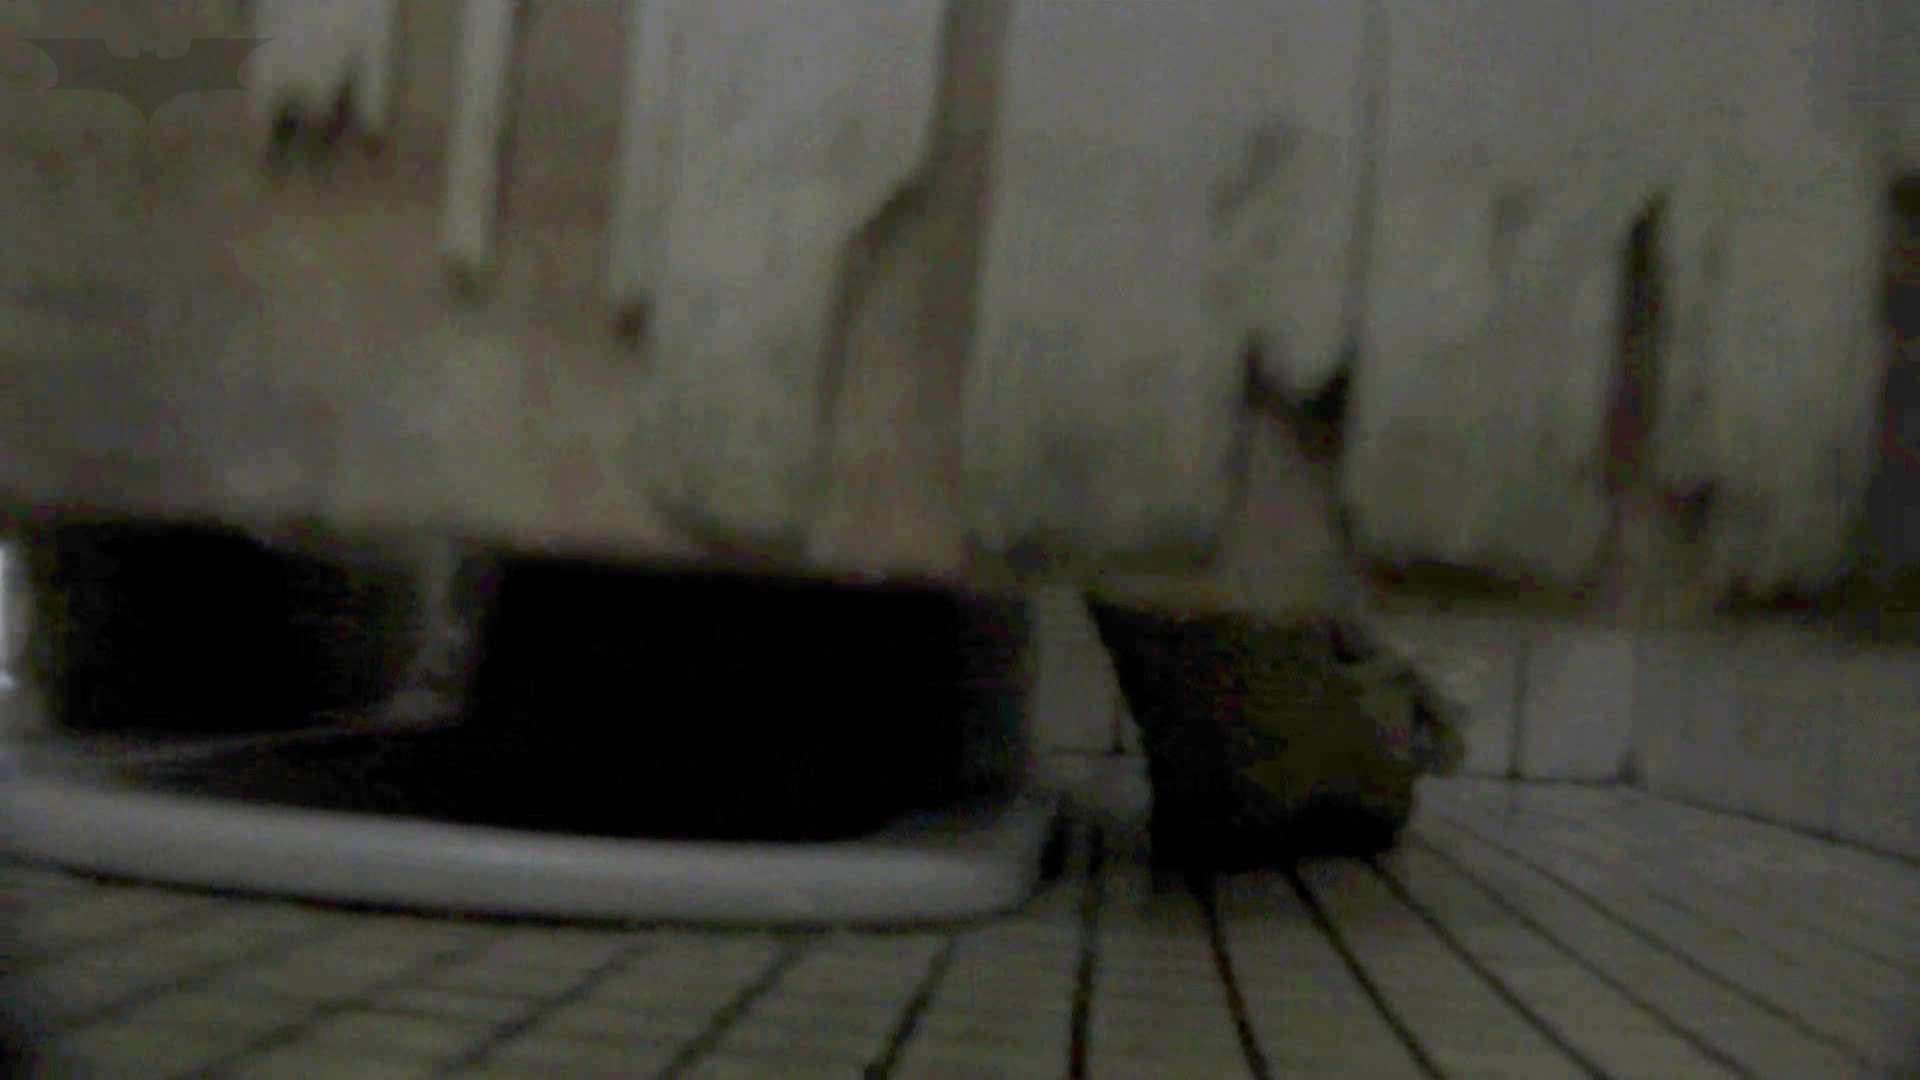 洗面所特攻隊 vol.74 last 2総勢16名激撮【2015・29位】 盛合せ われめAV動画紹介 69画像 51